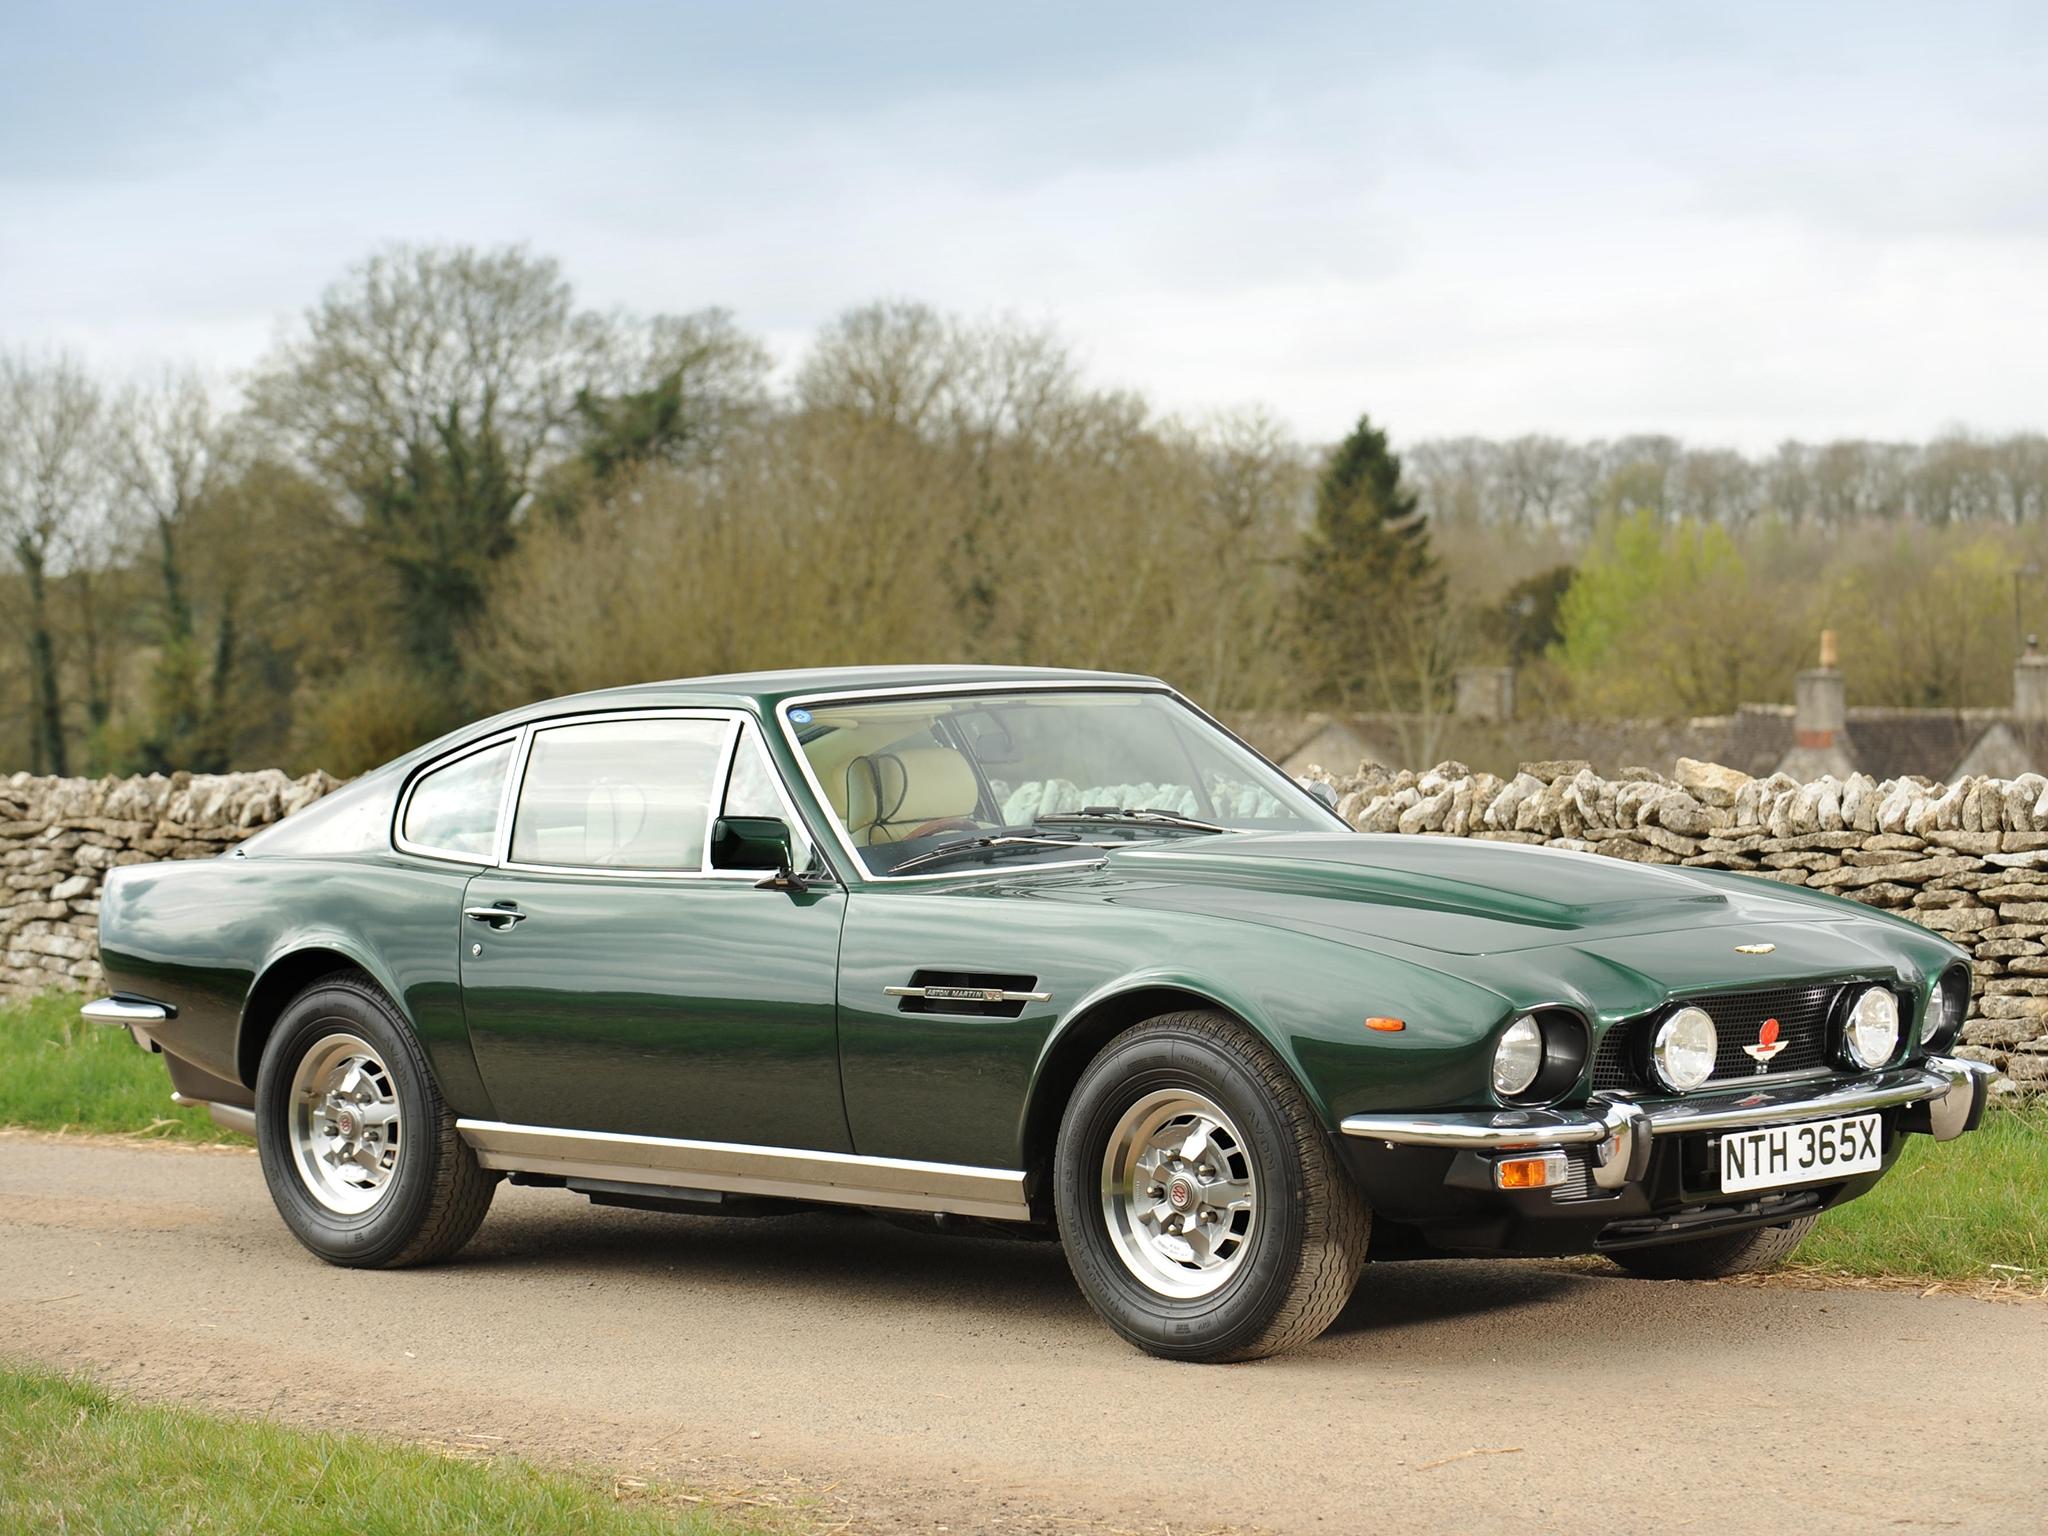 Hintergrundbilder Auto Fahrzeug Seitenansicht Sportwagen Aston Martin Asphalt Coupe Leistungsauto Aston Martin Vantage 1972 V8 Saloon Landfahrzeug Automobil Machen Luxusfahrzeug Aston Martin V8 Reen 2048x1536 Coolwallpapers 702219